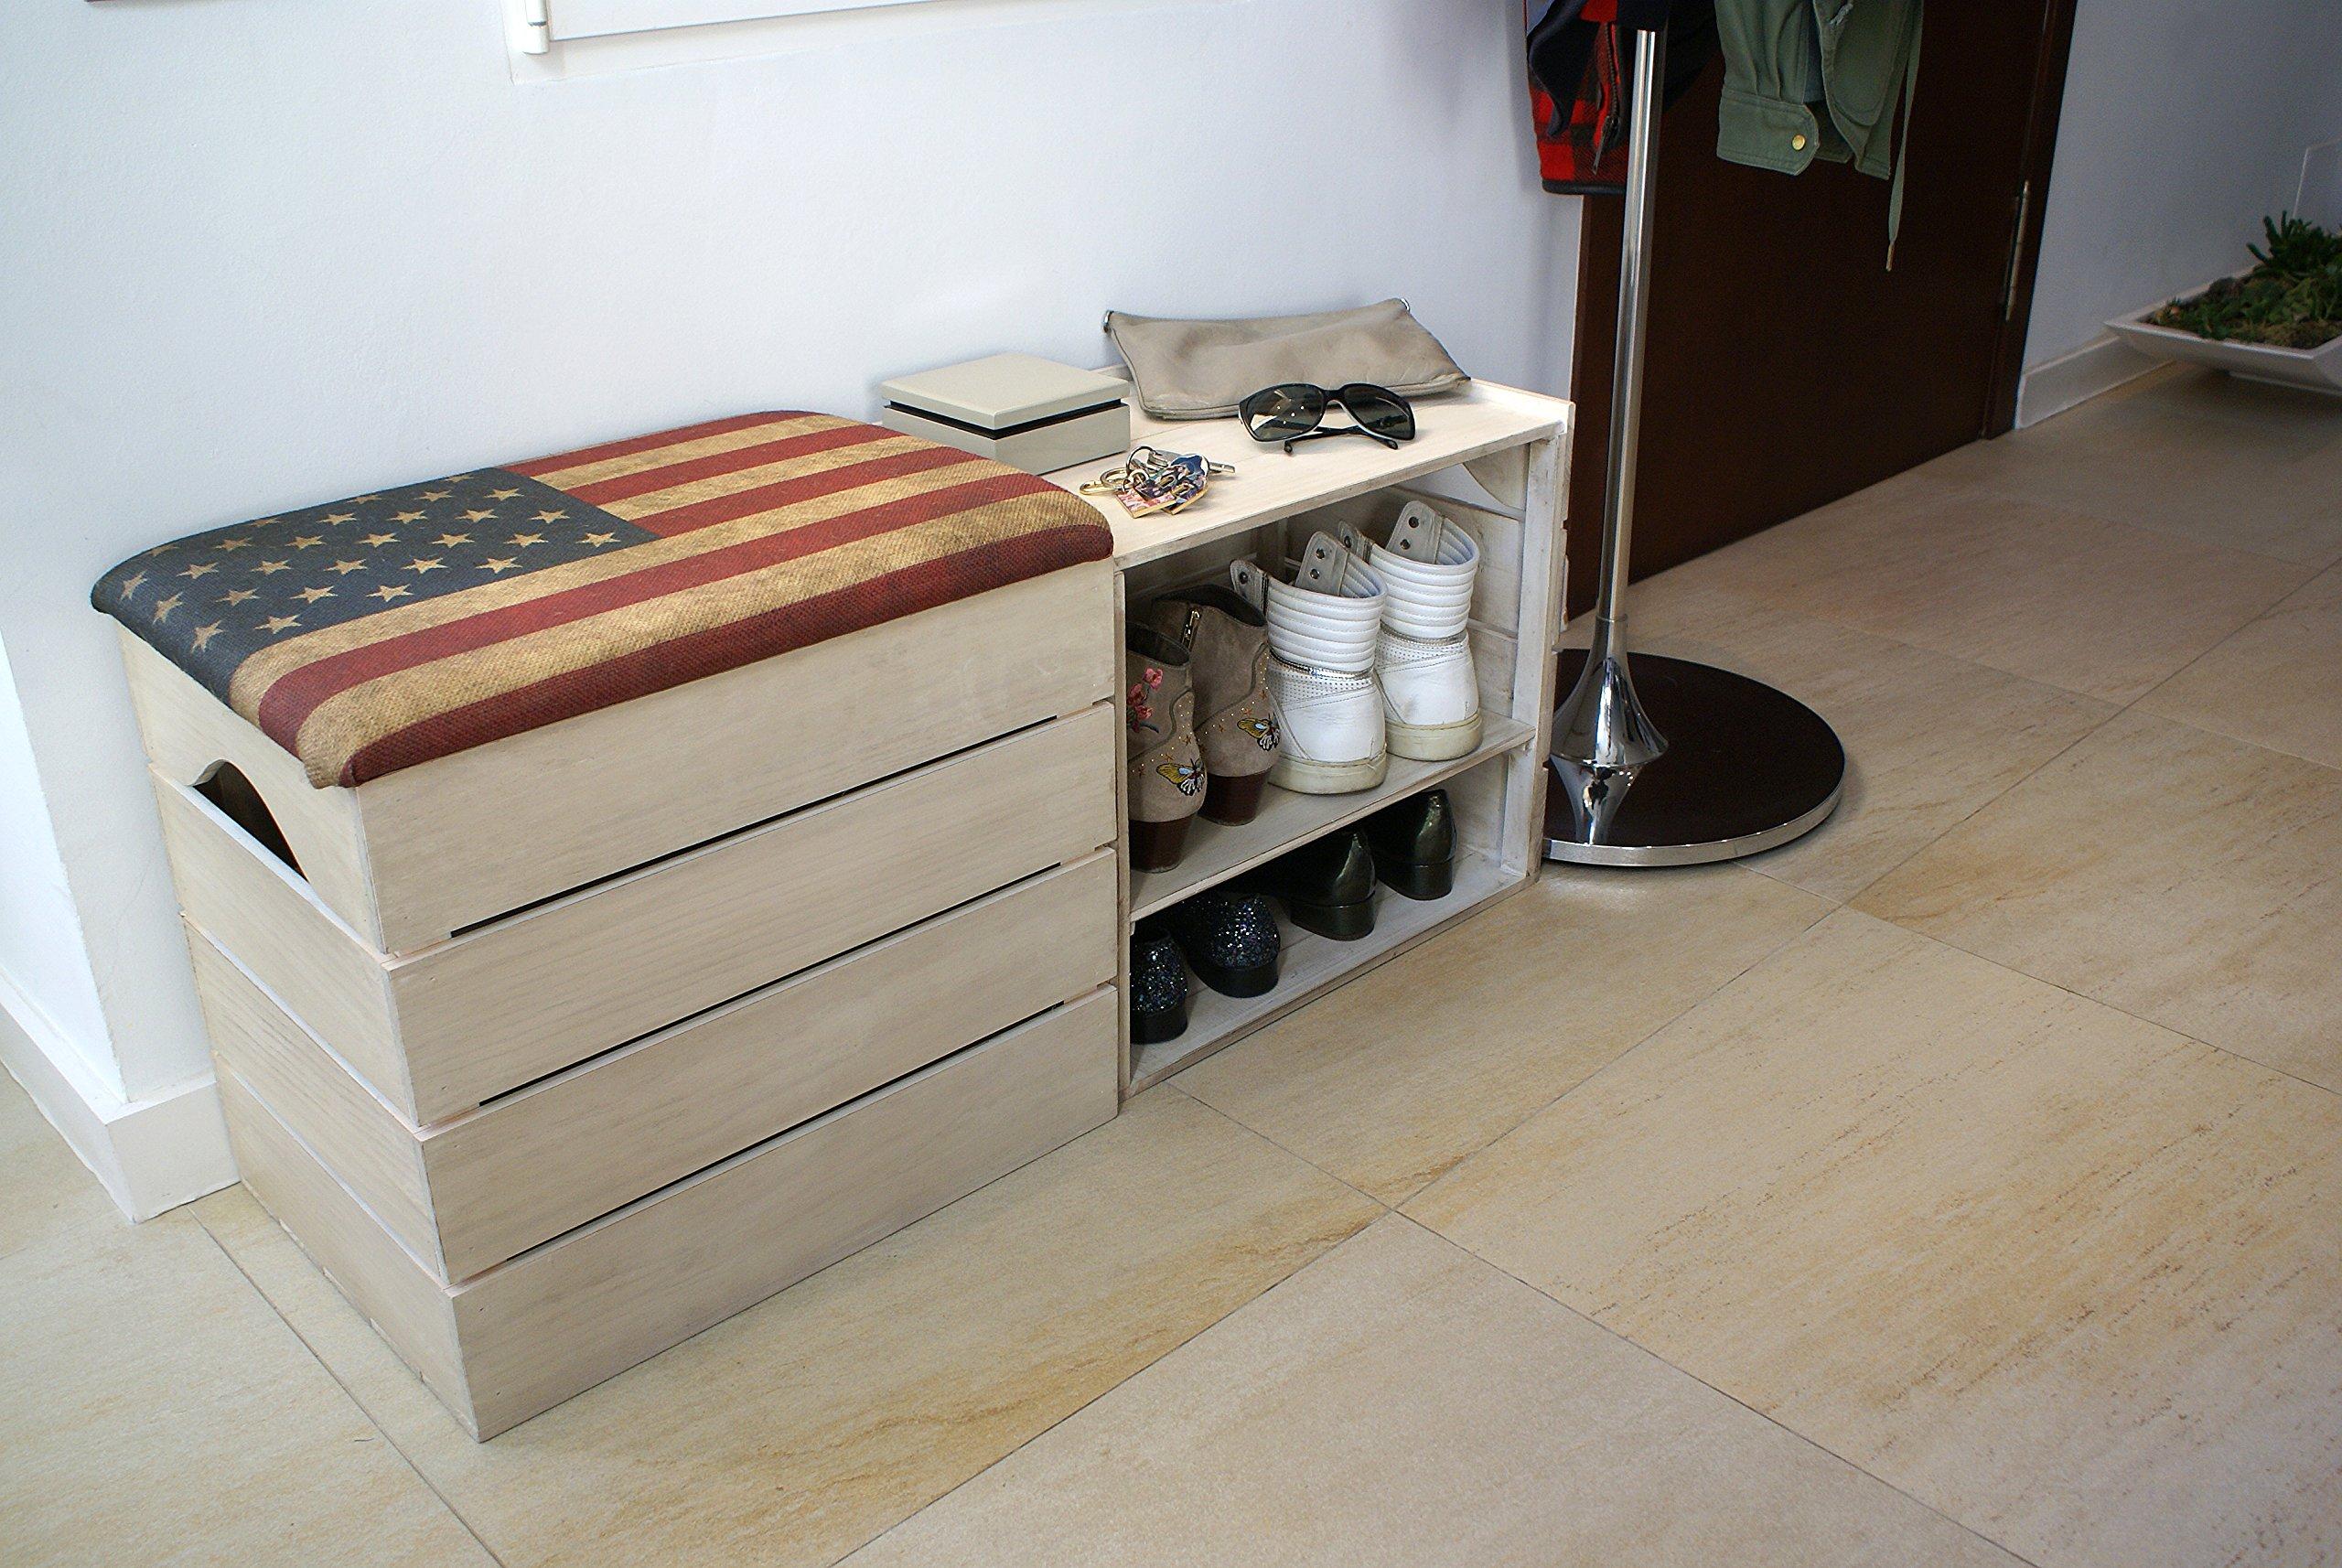 Cassapanca e scarpiera in legno con seduta imbottita, bel cuscino con stampa della bandiera americana.